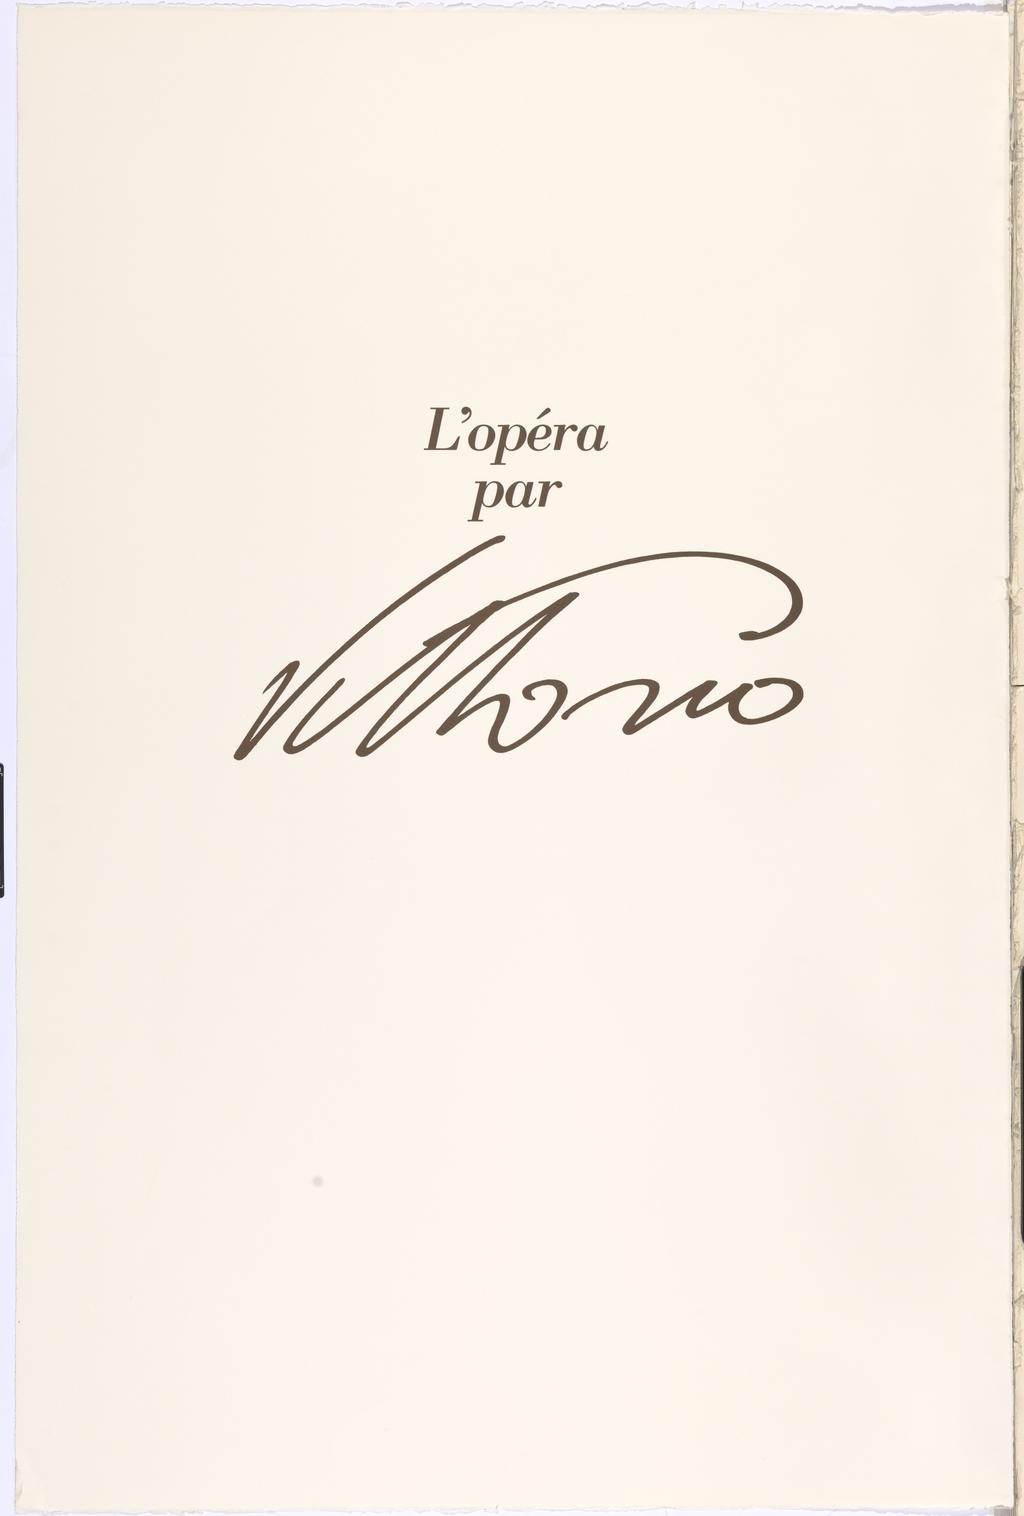 L'Opéra par Vittorio